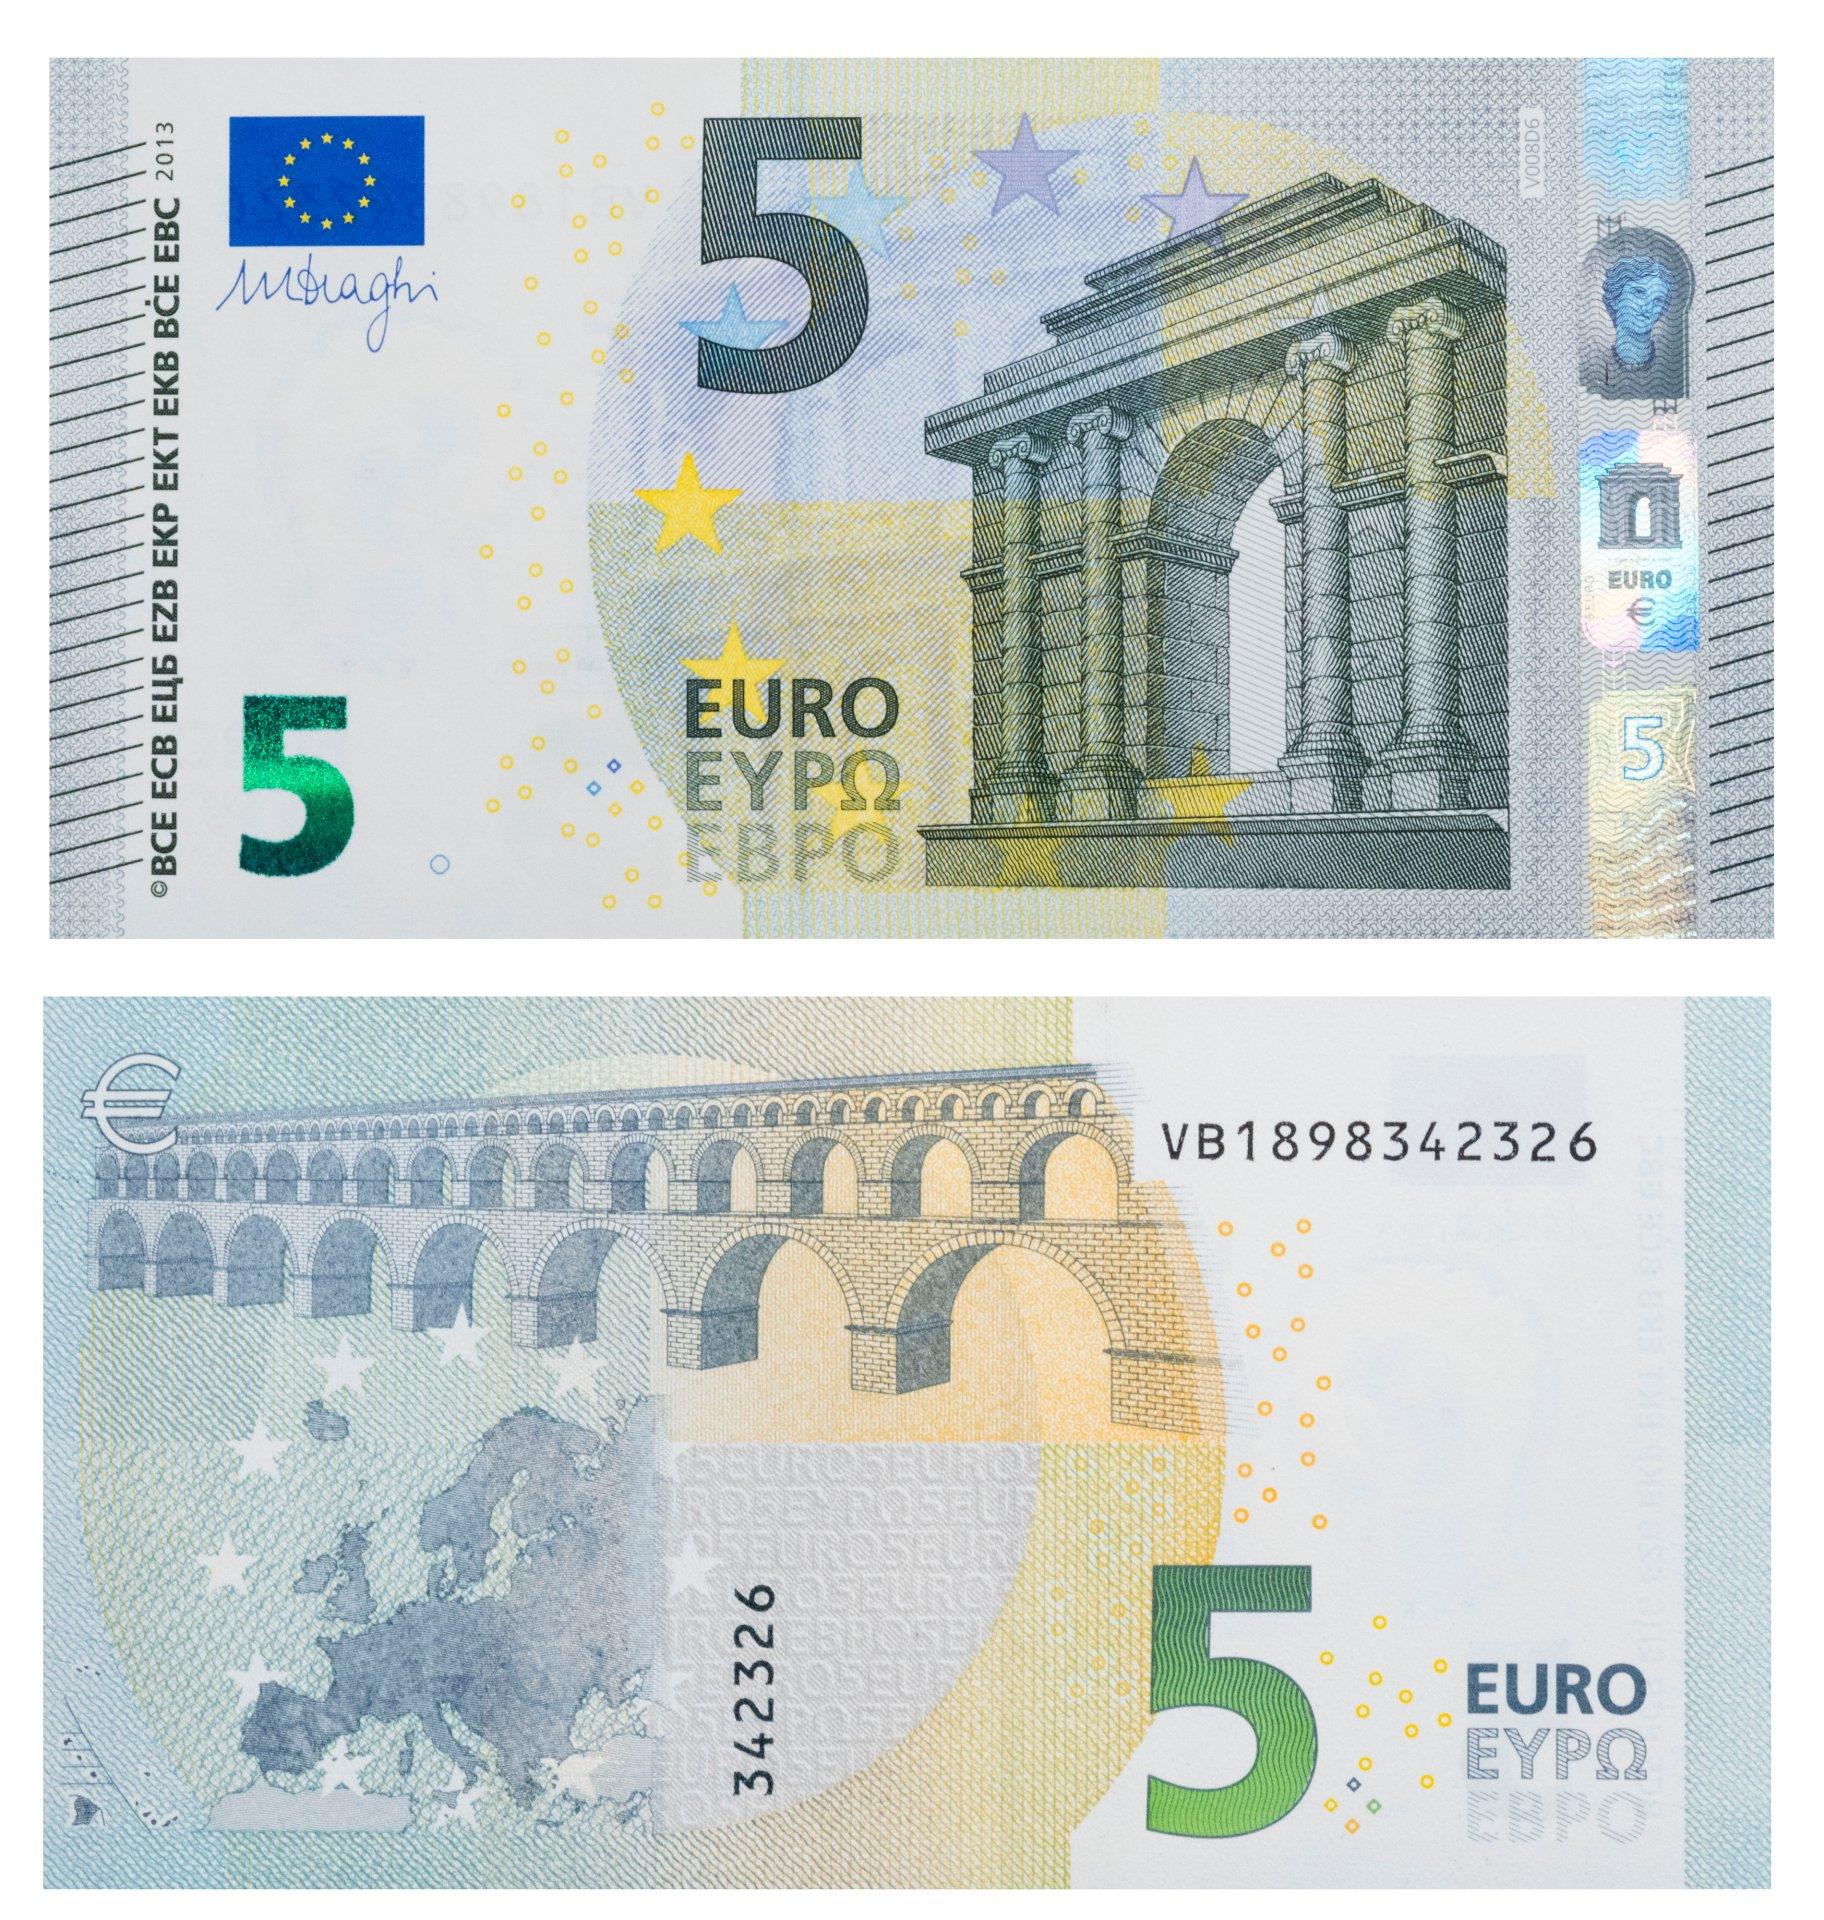 Картинка как выглядит евро